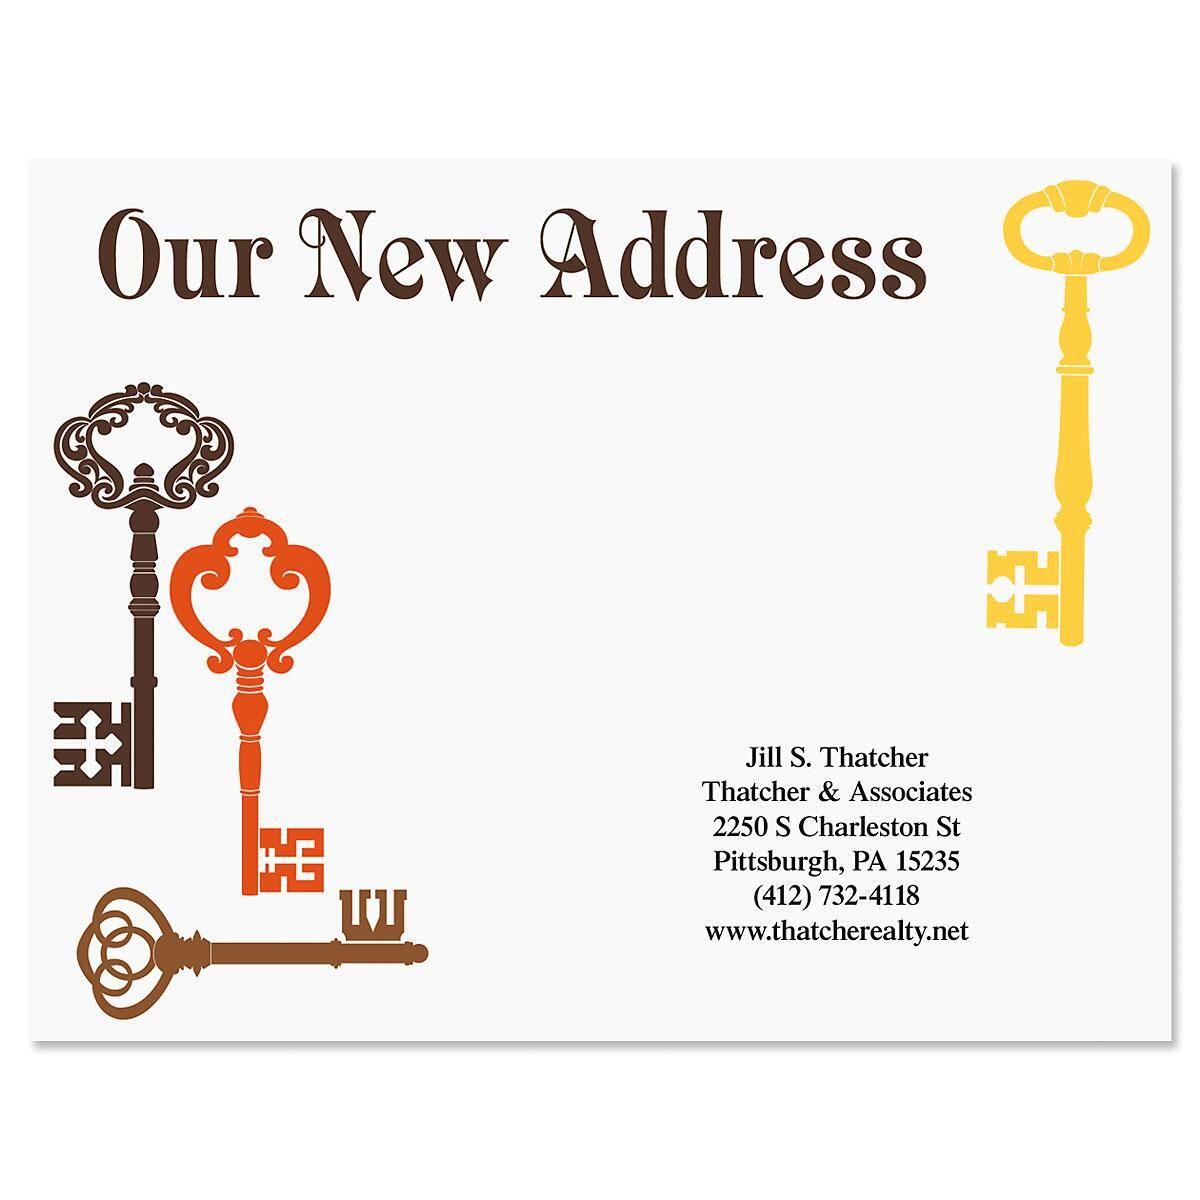 Brass Key New Address Postcards